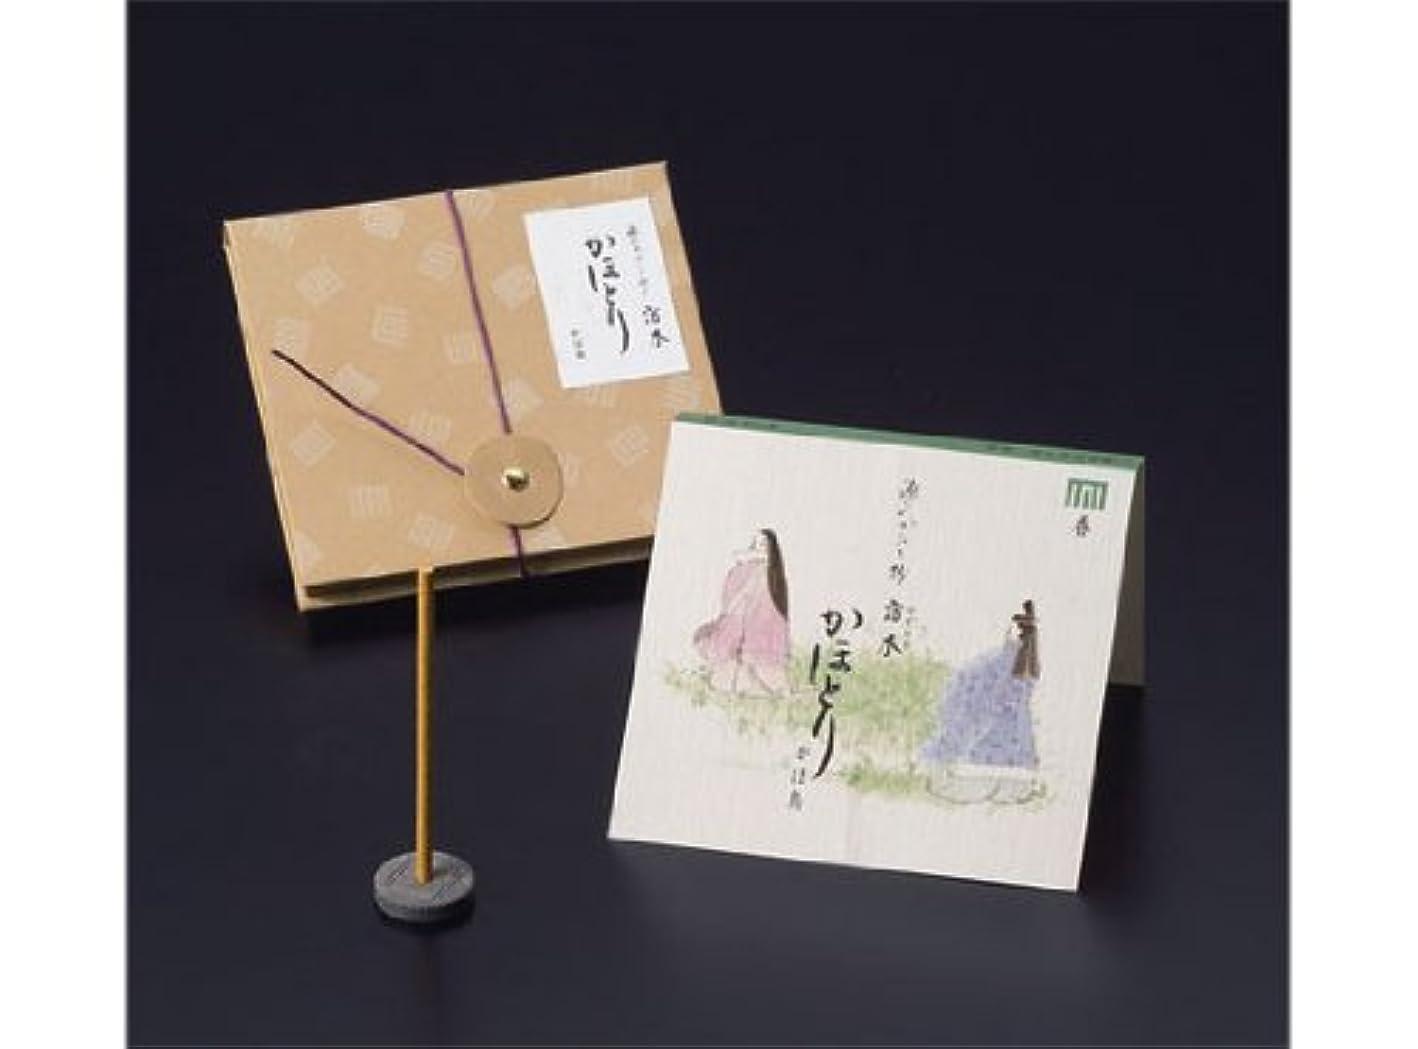 統合休戦サイクルShoyeido GenjiシリーズIncense – Mistletoe (Yadorigi)